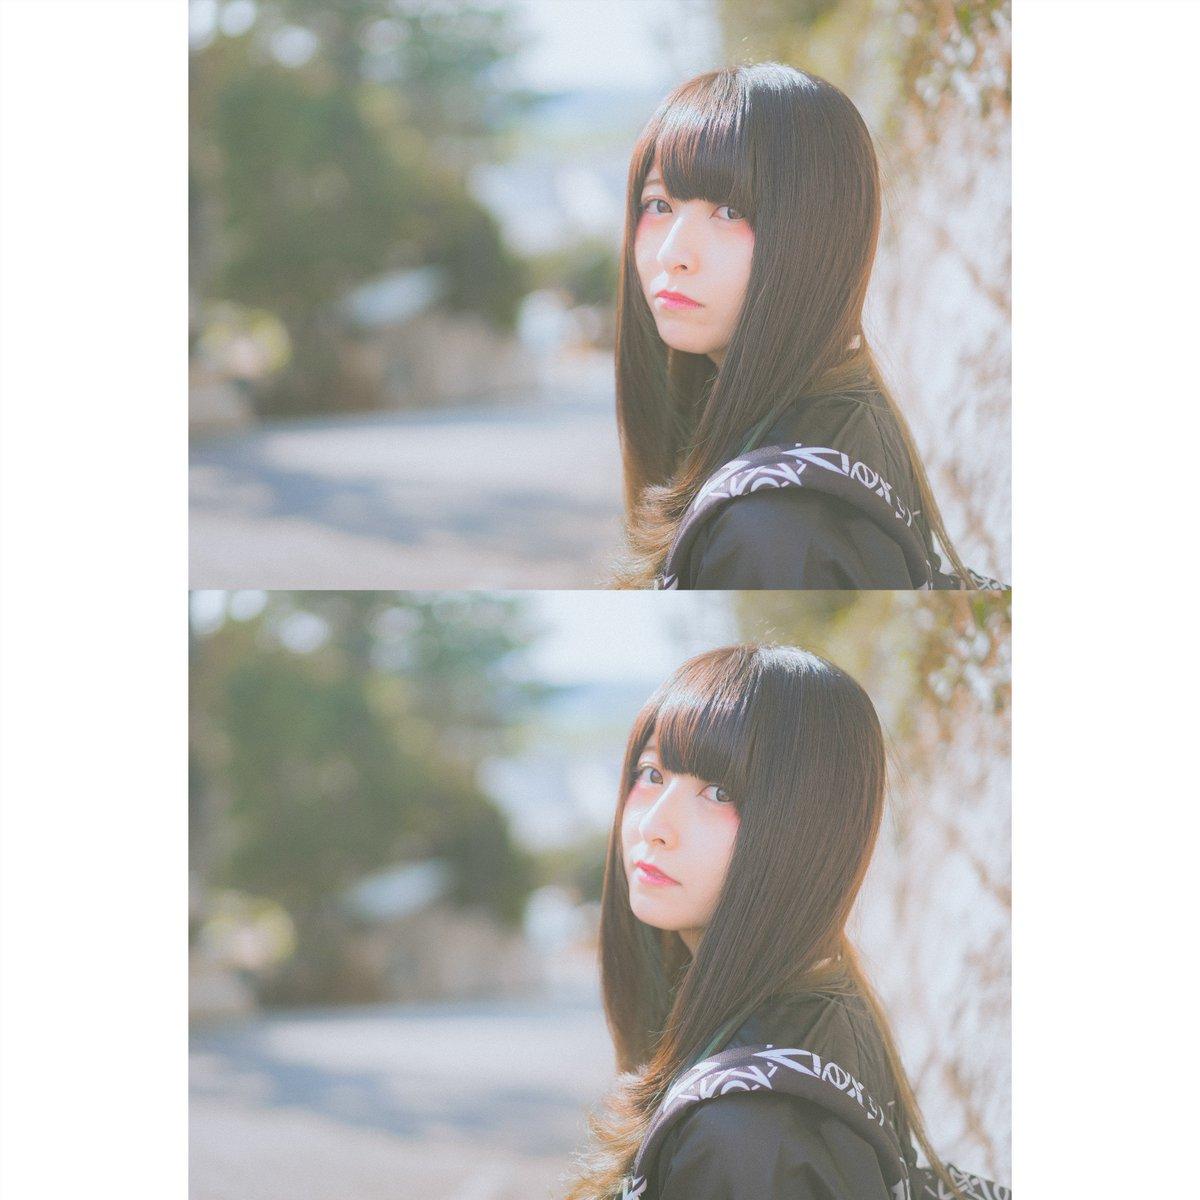 RT @yuilllll_xxx: 「あの日の君はいつもよりキラキラして見えた、そんな気がする。」  #portrait #photography #東京カメラ部 #ファインダー越しの私の世界 #りなりー狂徒 #天塔男子 https://t.co/NuRbbSe3BX